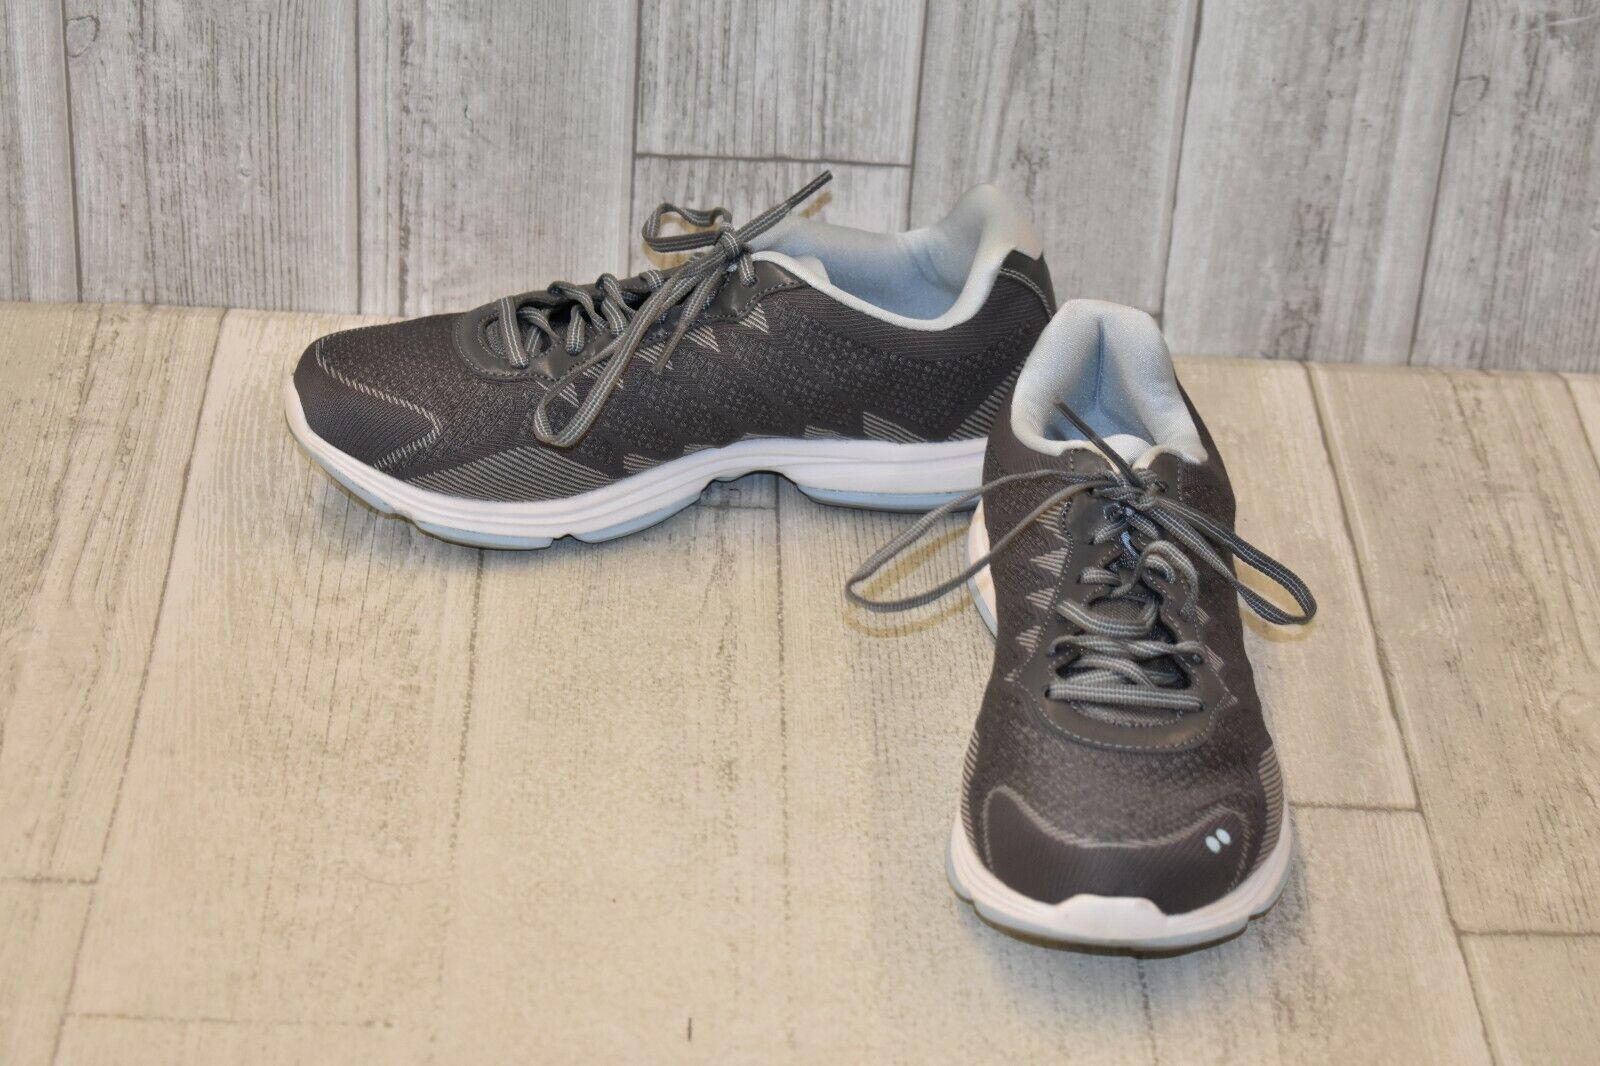 Ryka Dominion Walking shoes - Women's Size 9.5W, Grey Light bluee